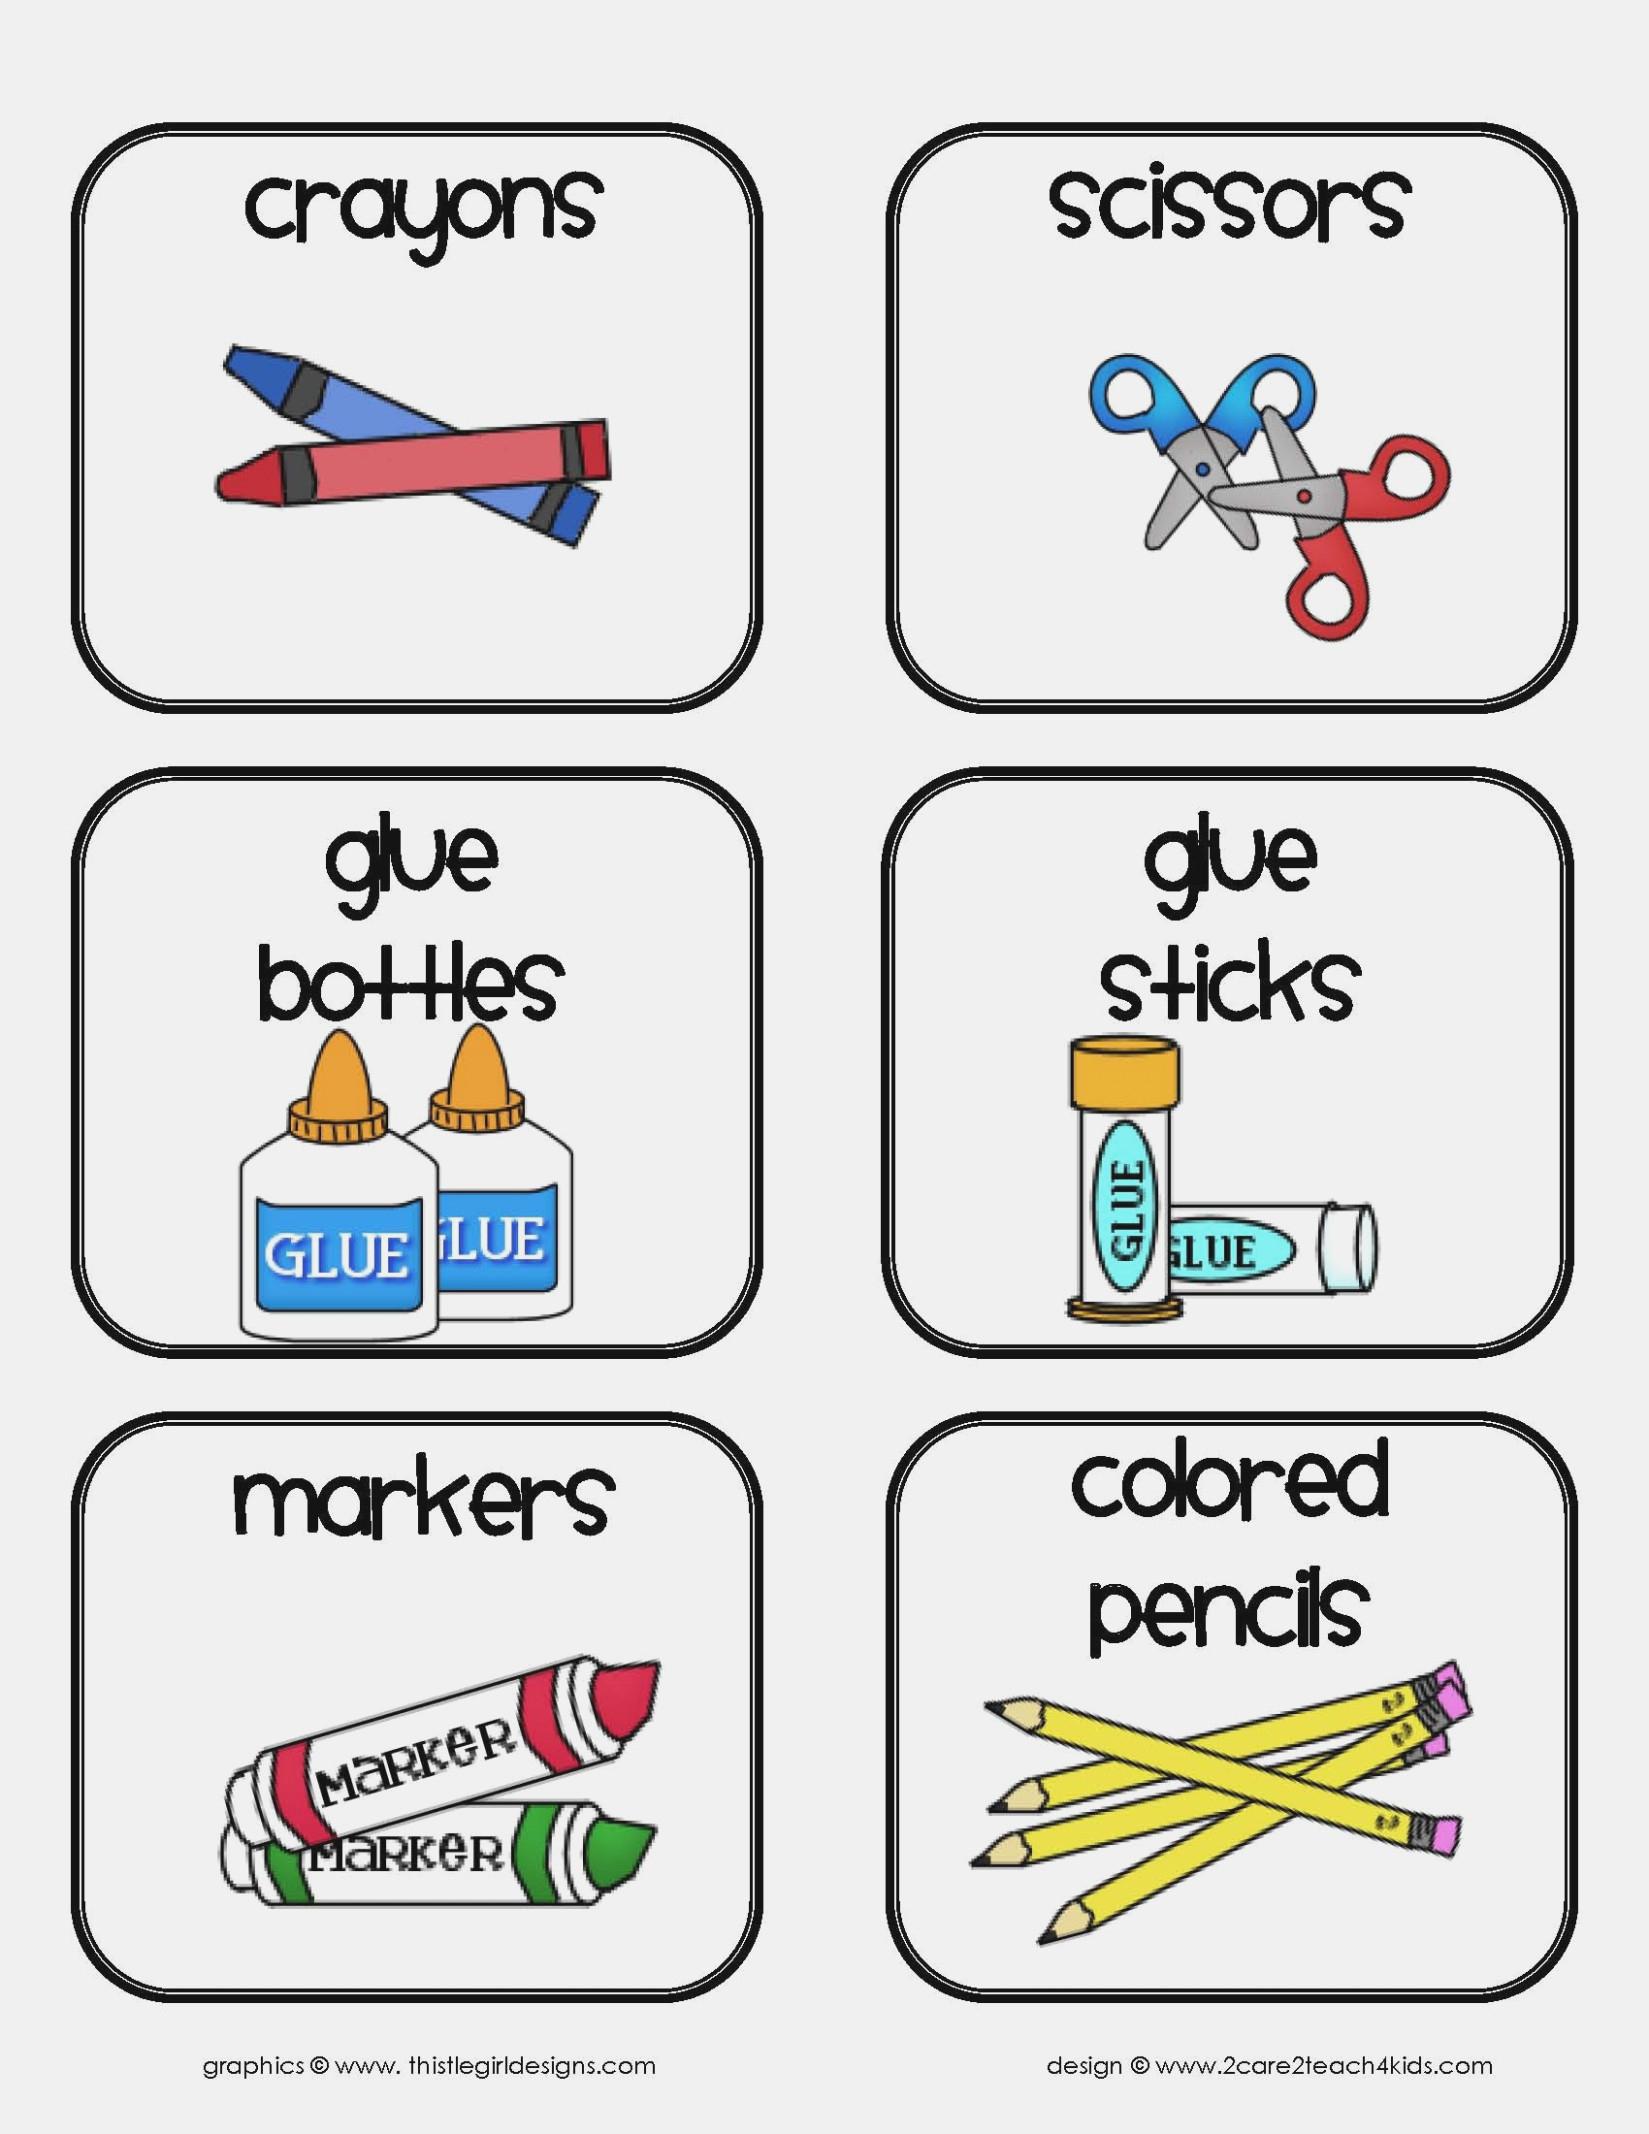 Free Printable Preschool Signs 15 Best Of Classroom Center Labels - Free Printable Classroom Labels For Preschoolers